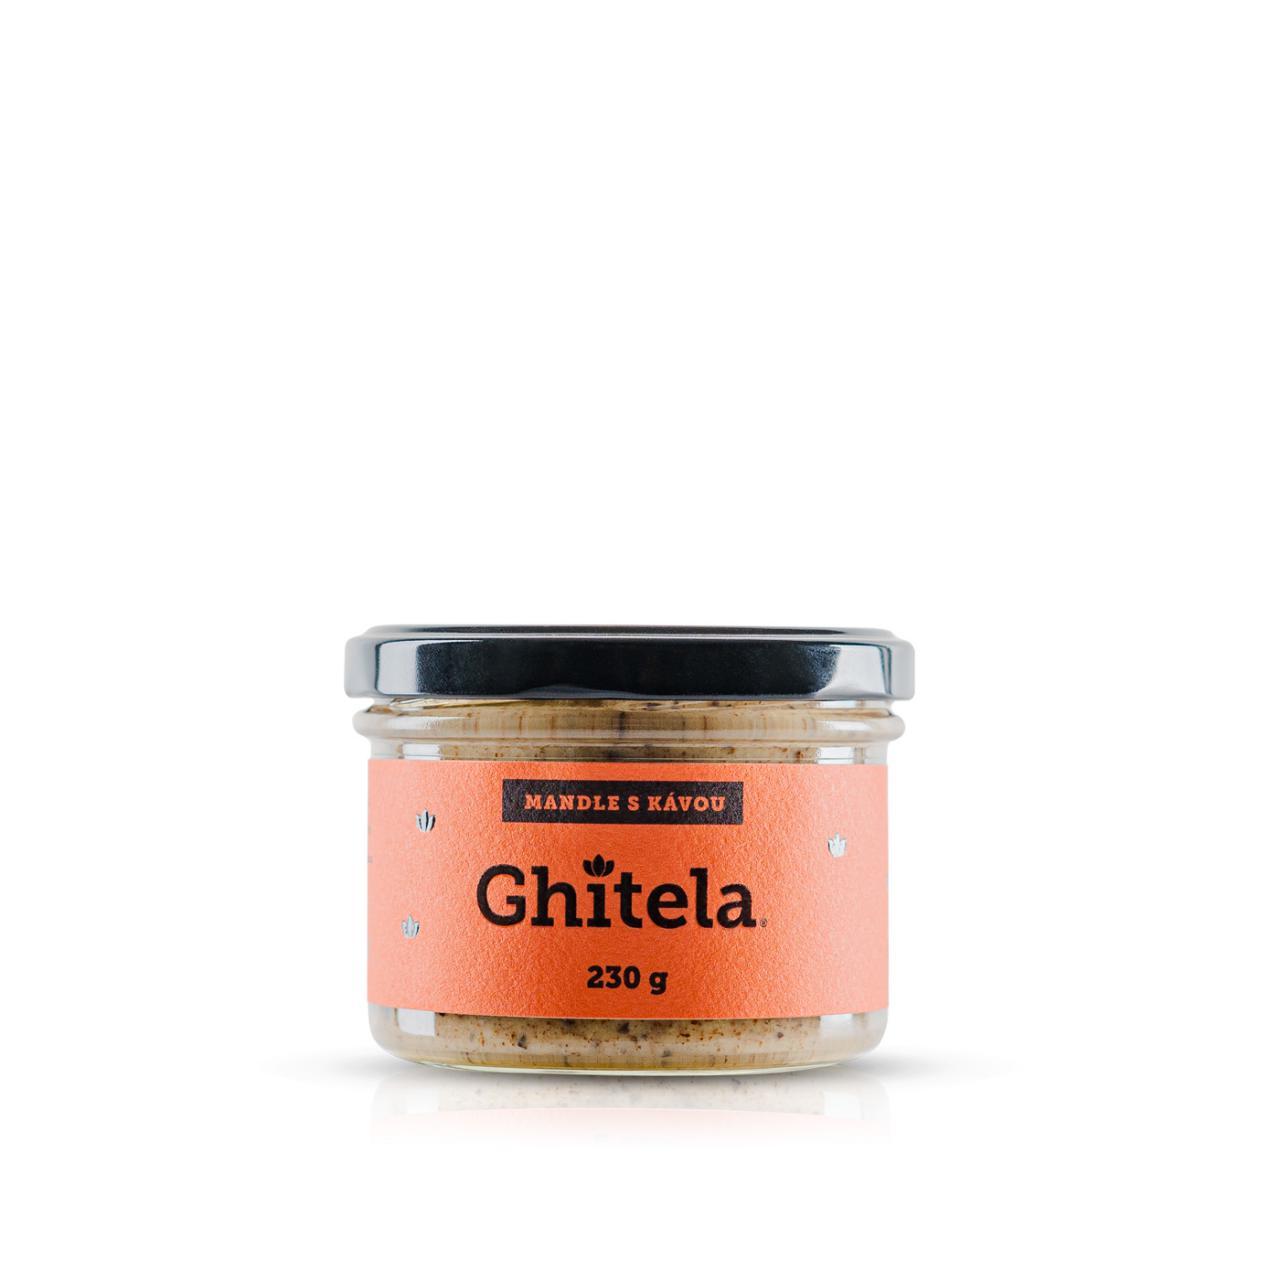 Ghitela® 230g mandle & káva